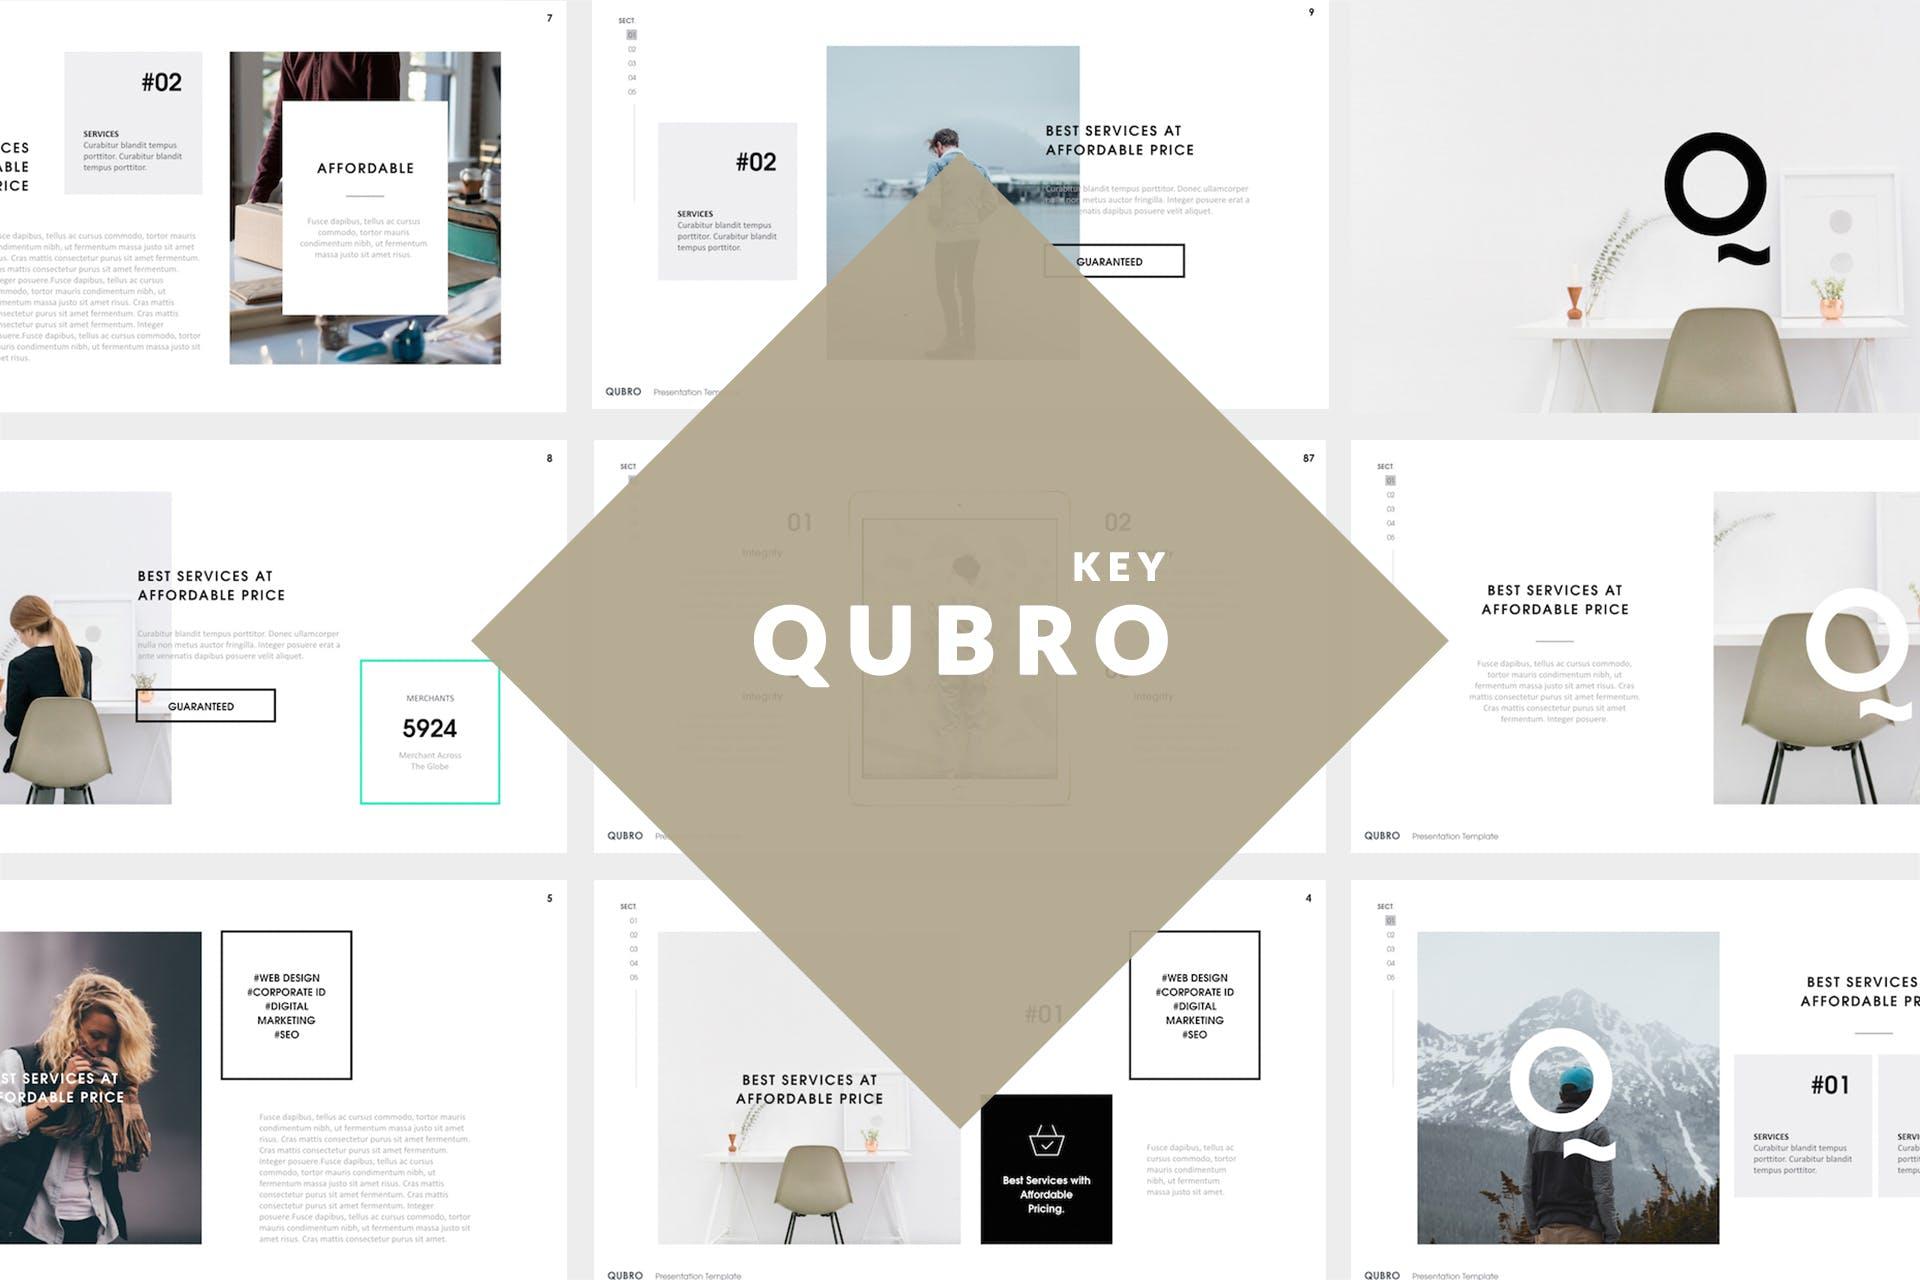 企业品牌宣传介绍幻灯片模板下载Qubro Simple Keynote Template插图